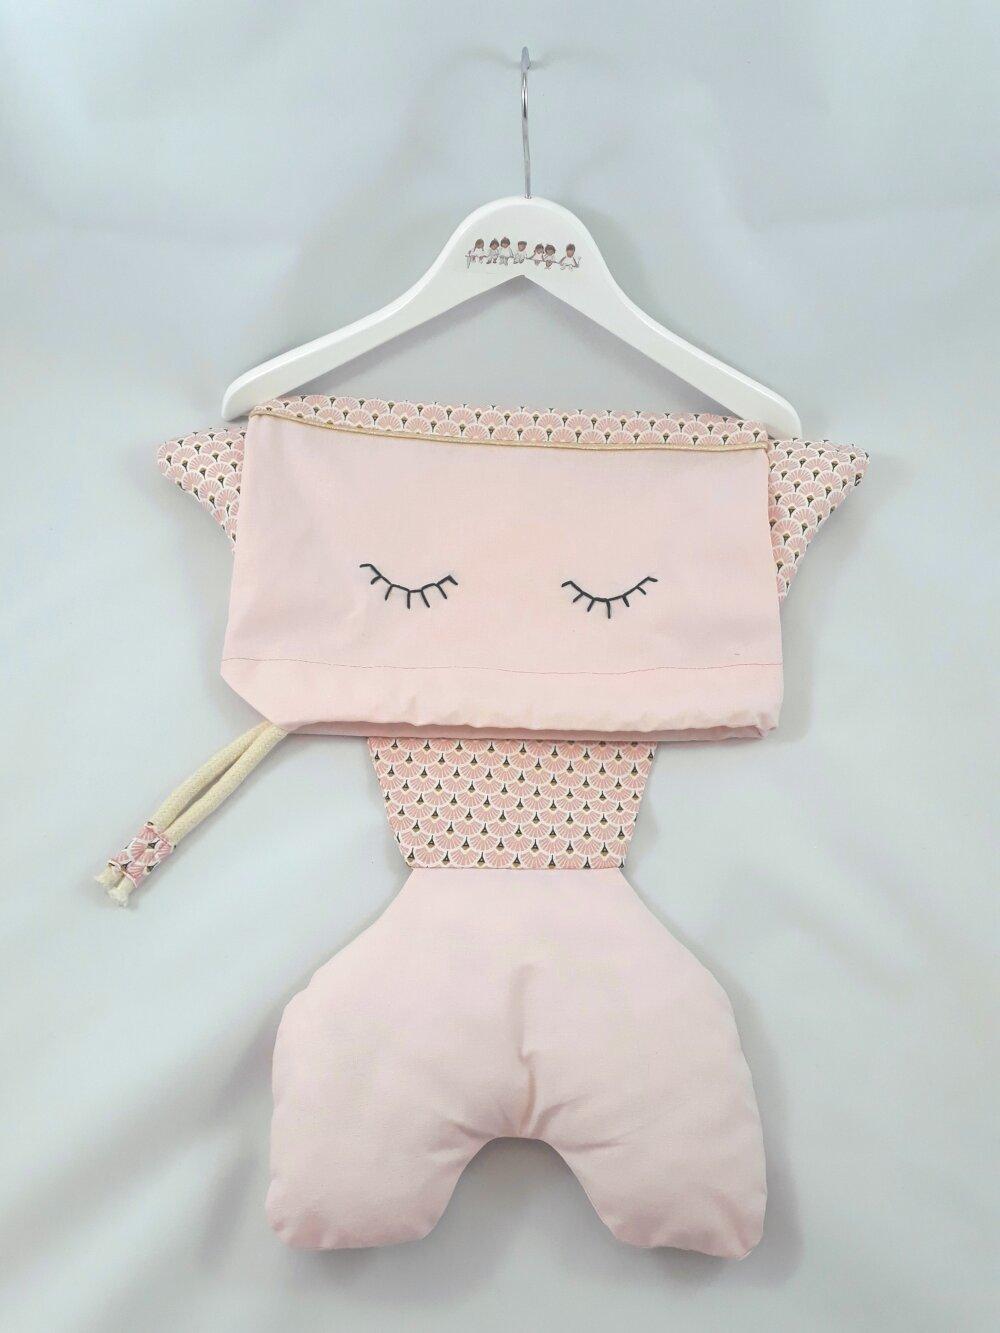 Accessoire Chambre D Enfant range-pyjama - accessoire chambre d'enfant